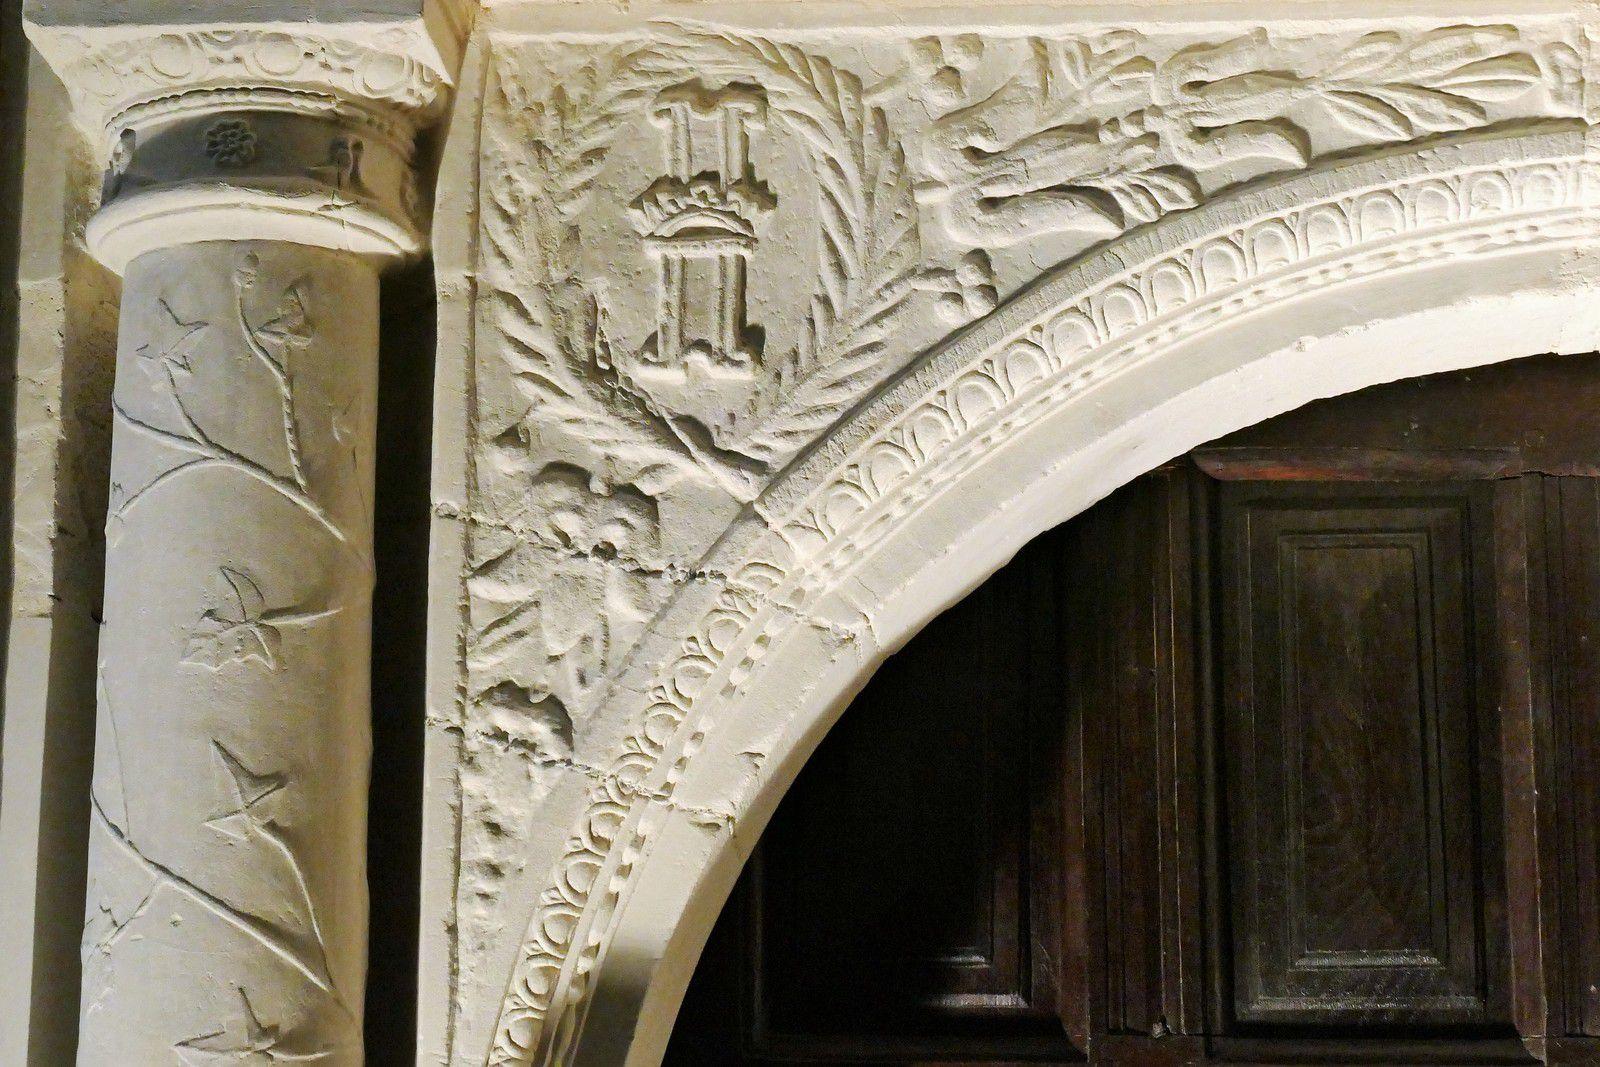 Porte sud (Julien Ricand, 1594) de la chapelle d'Espinay, ancienne collégiale de Champeaux. Photographie lavieb-aile août 2020.